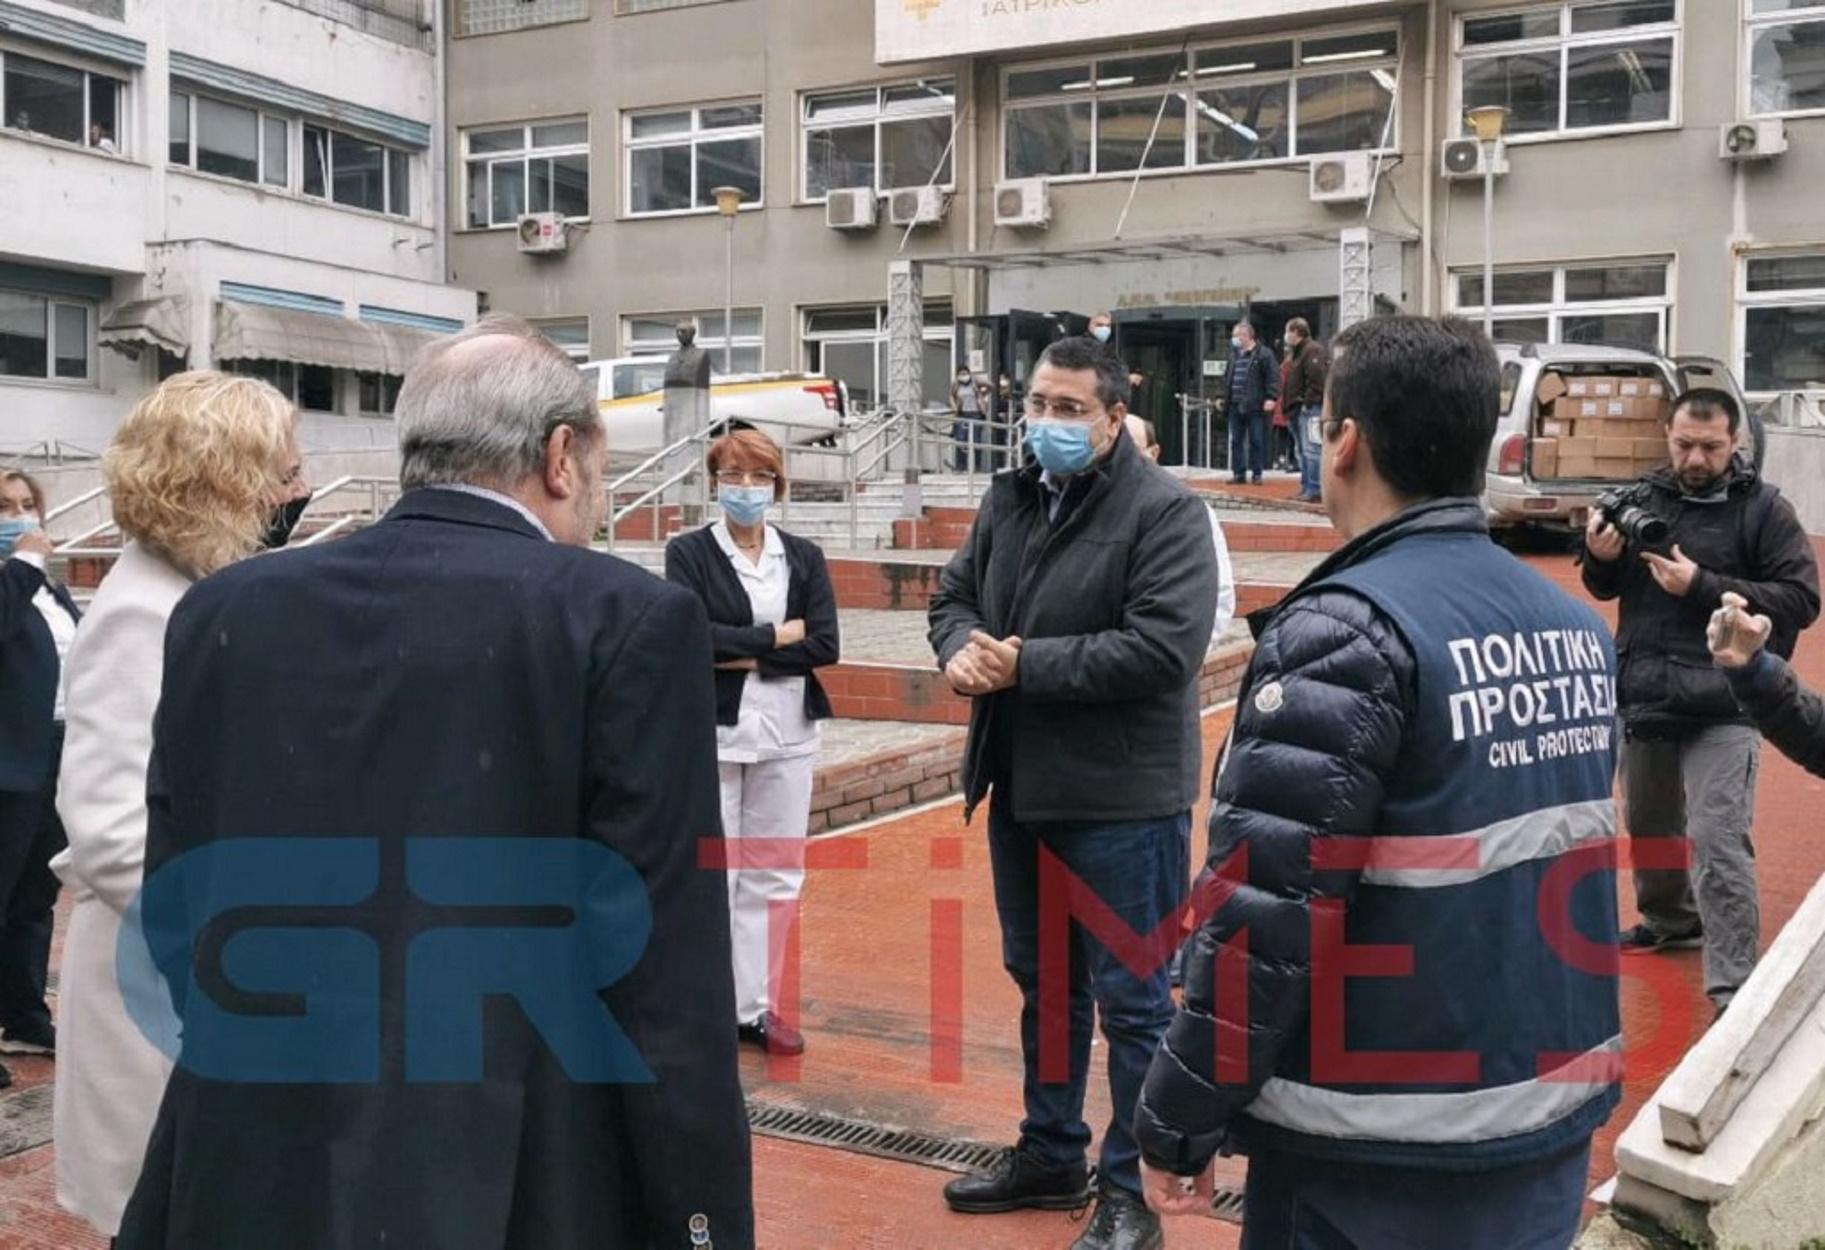 """Τζιτζικώστας: Πρόσφερε χιλιάδες προστατευτικές μάσκες και γάντια στο """"Θεαγένειο"""" (video)"""